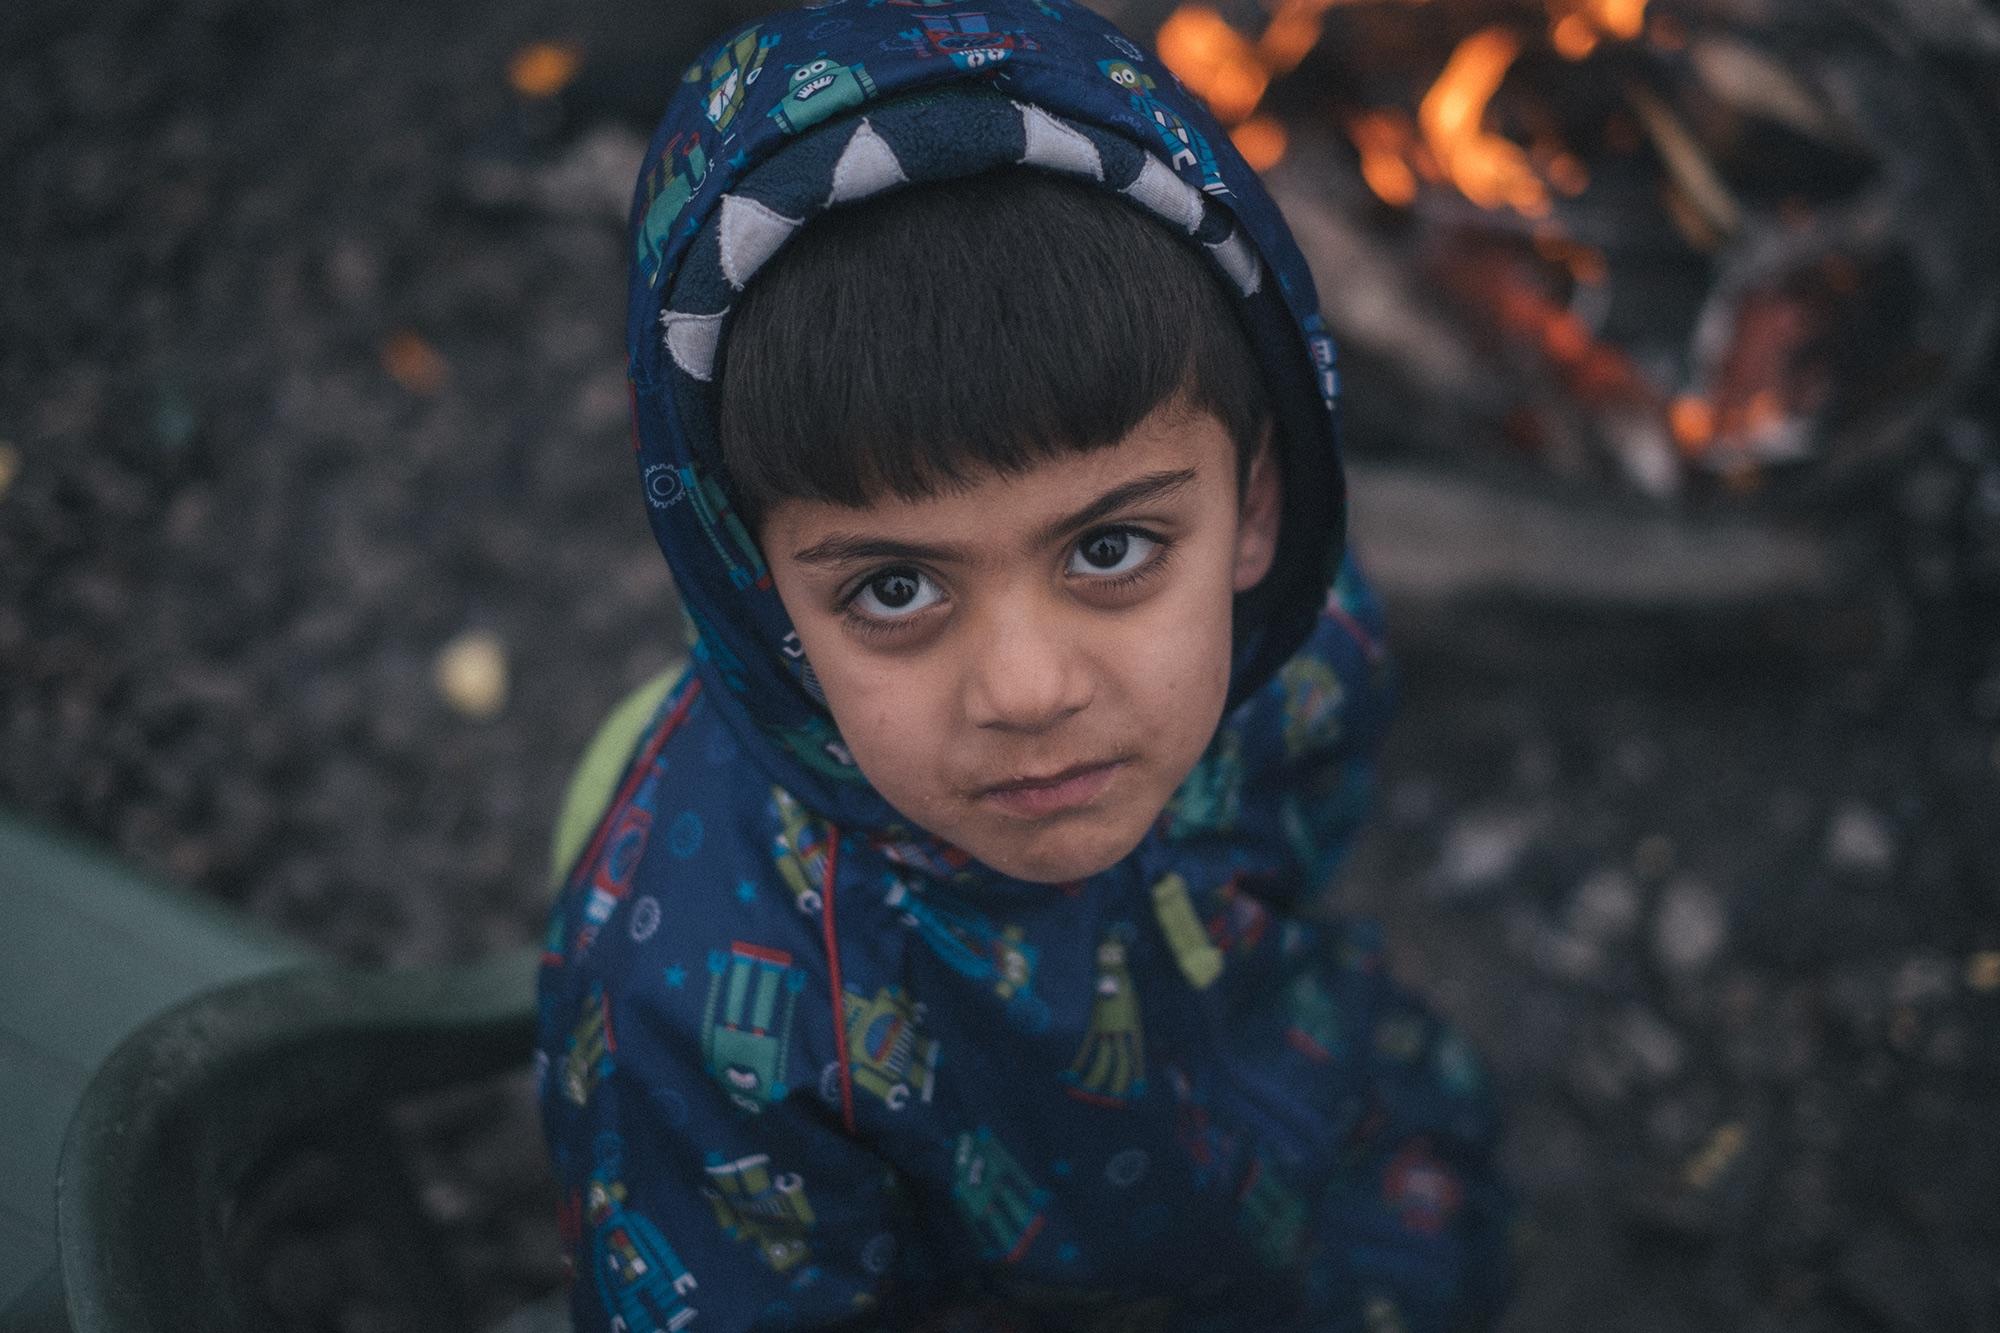 Abdullah, 4 years, Afghanistan